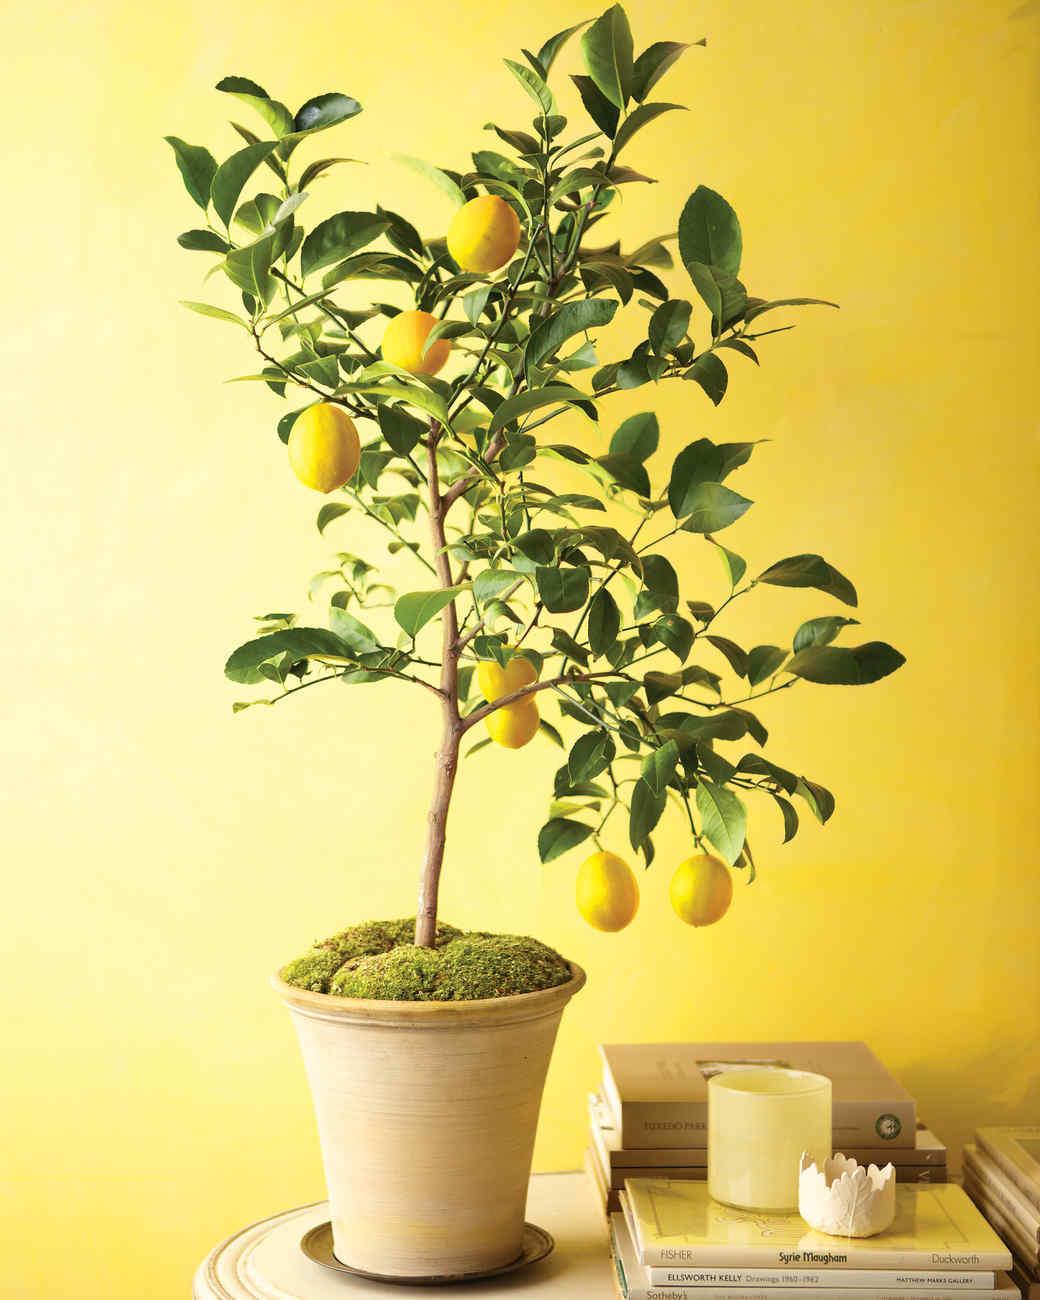 How to Grow an Indoor Lemon Tree